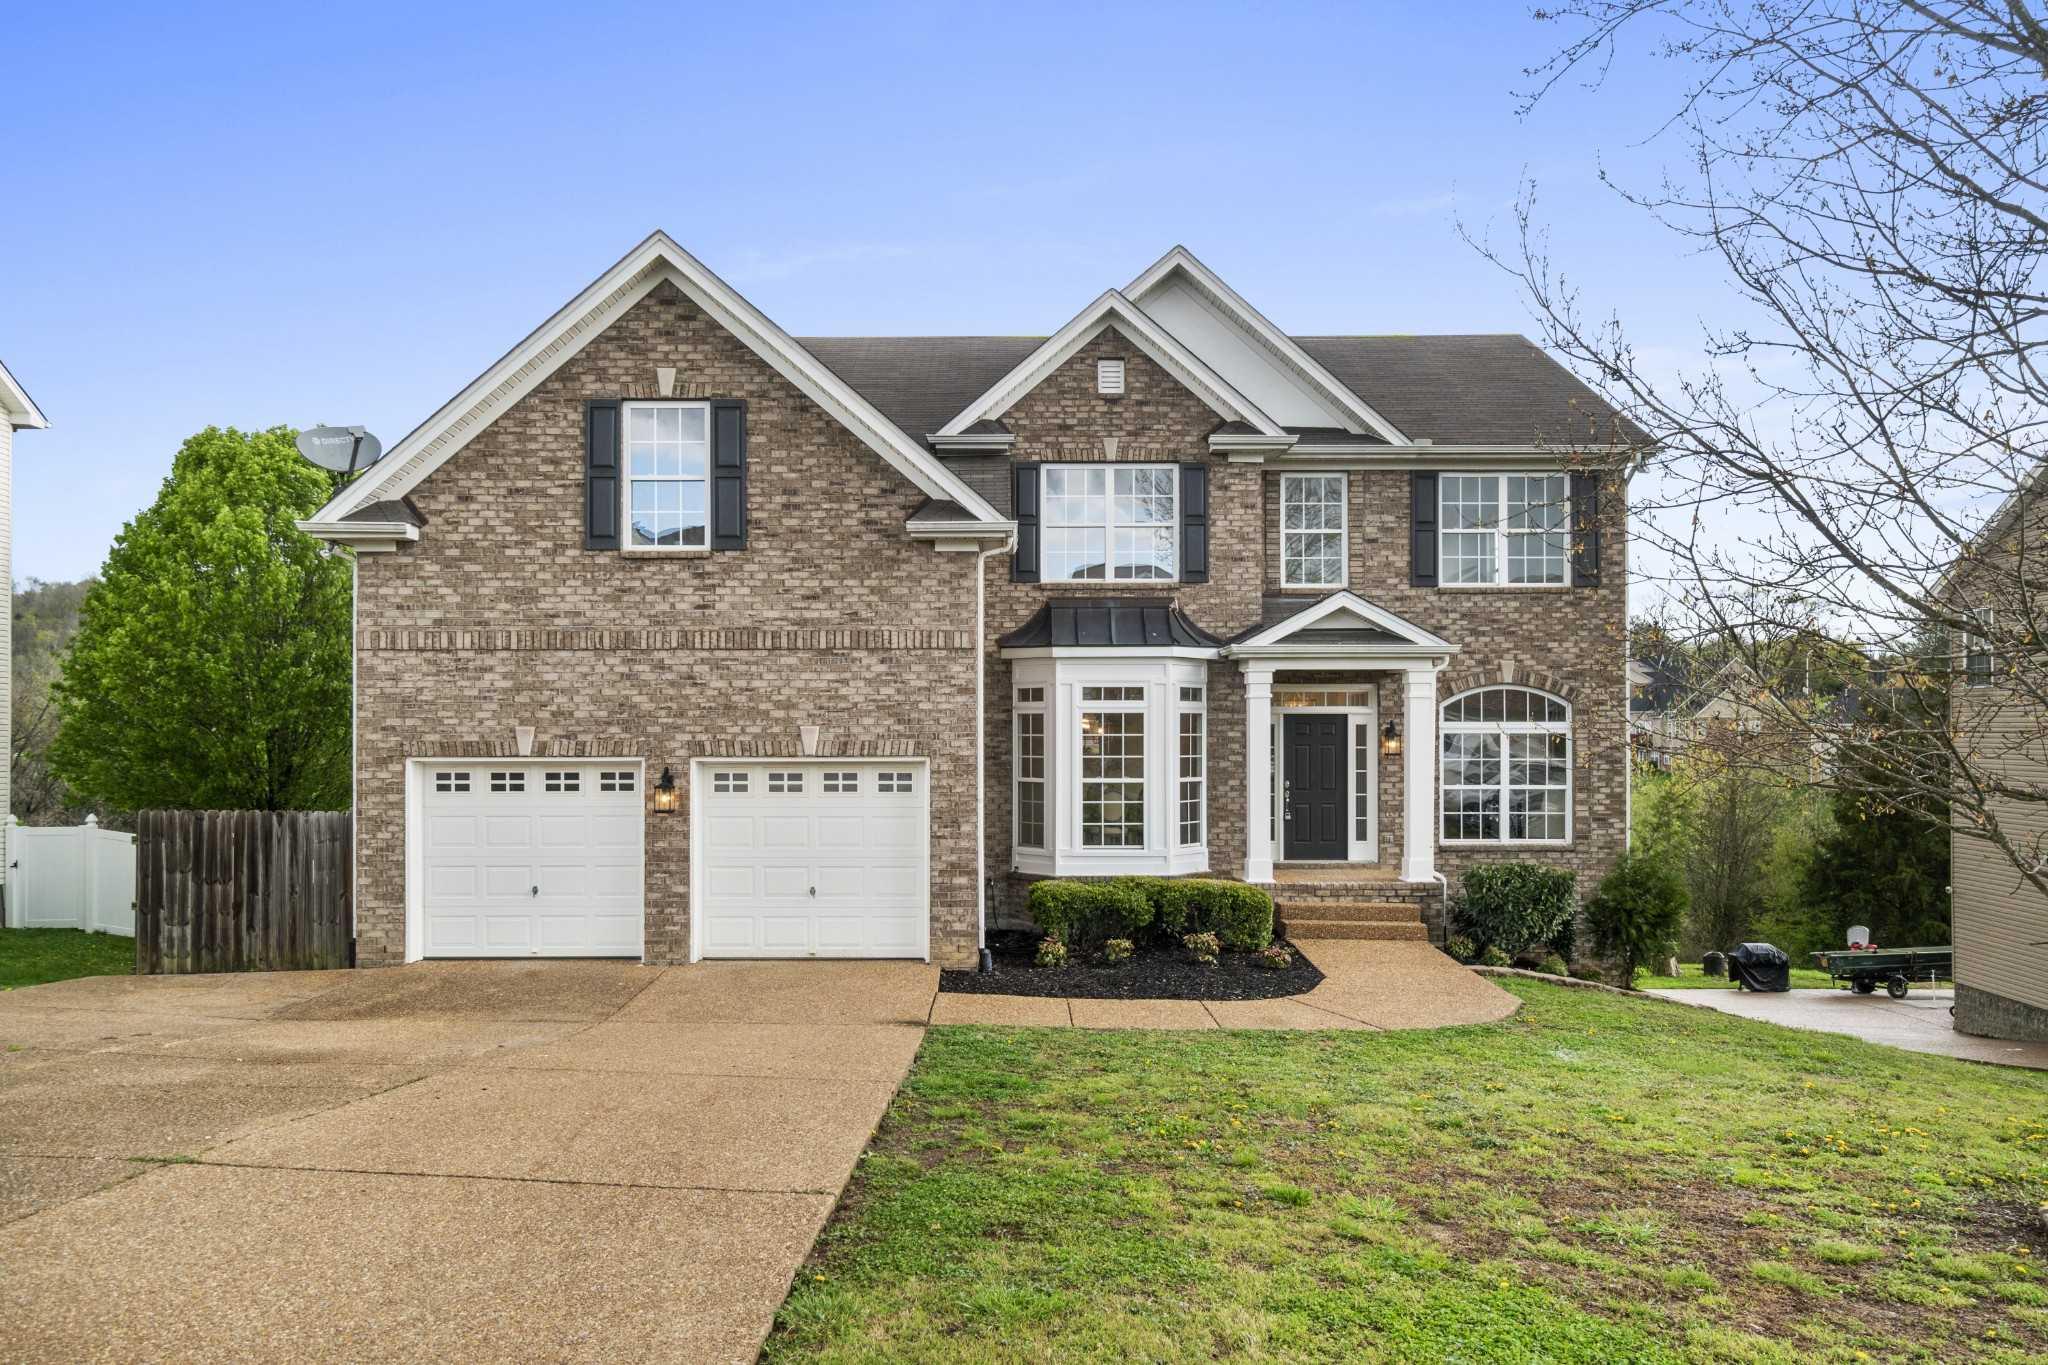 $564,000 - 5Br/4Ba -  for Sale in Braxton Park Woodwyn Hills, Goodlettsville